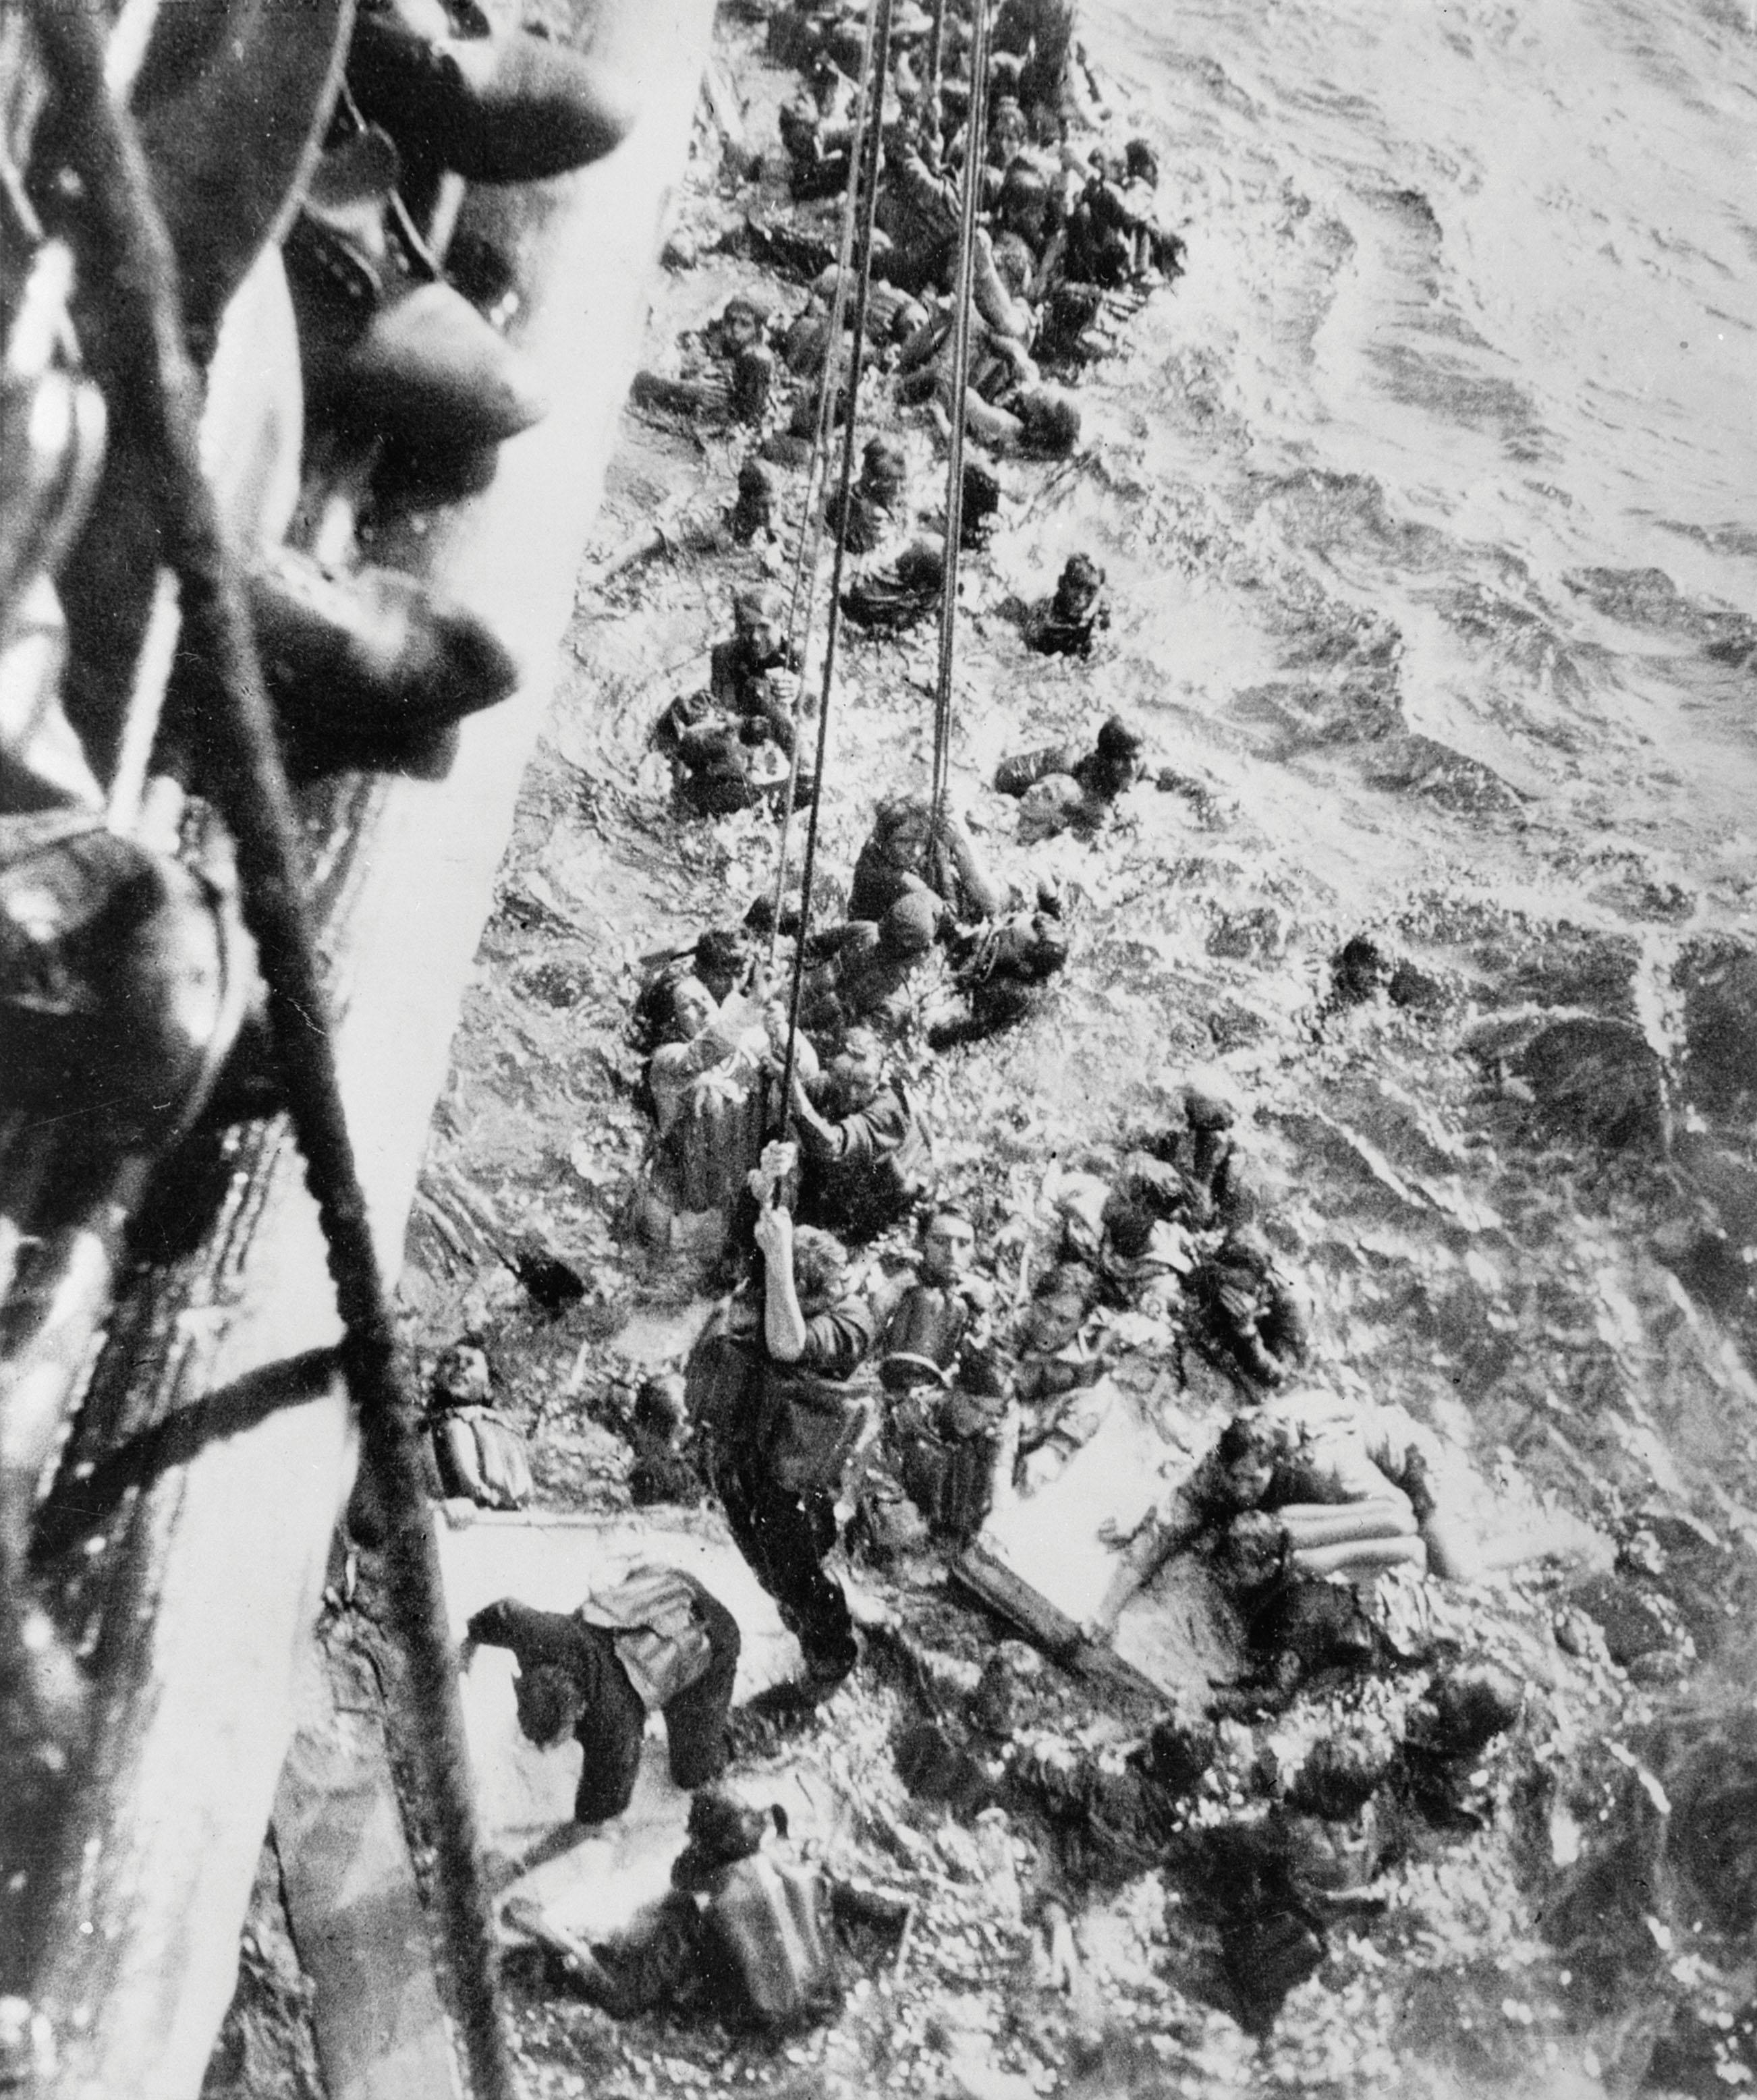 قصة مطاردة واغراق البارجة الاسطورة بسمارك HMS_Dorsetshire_Bismarck_survivors